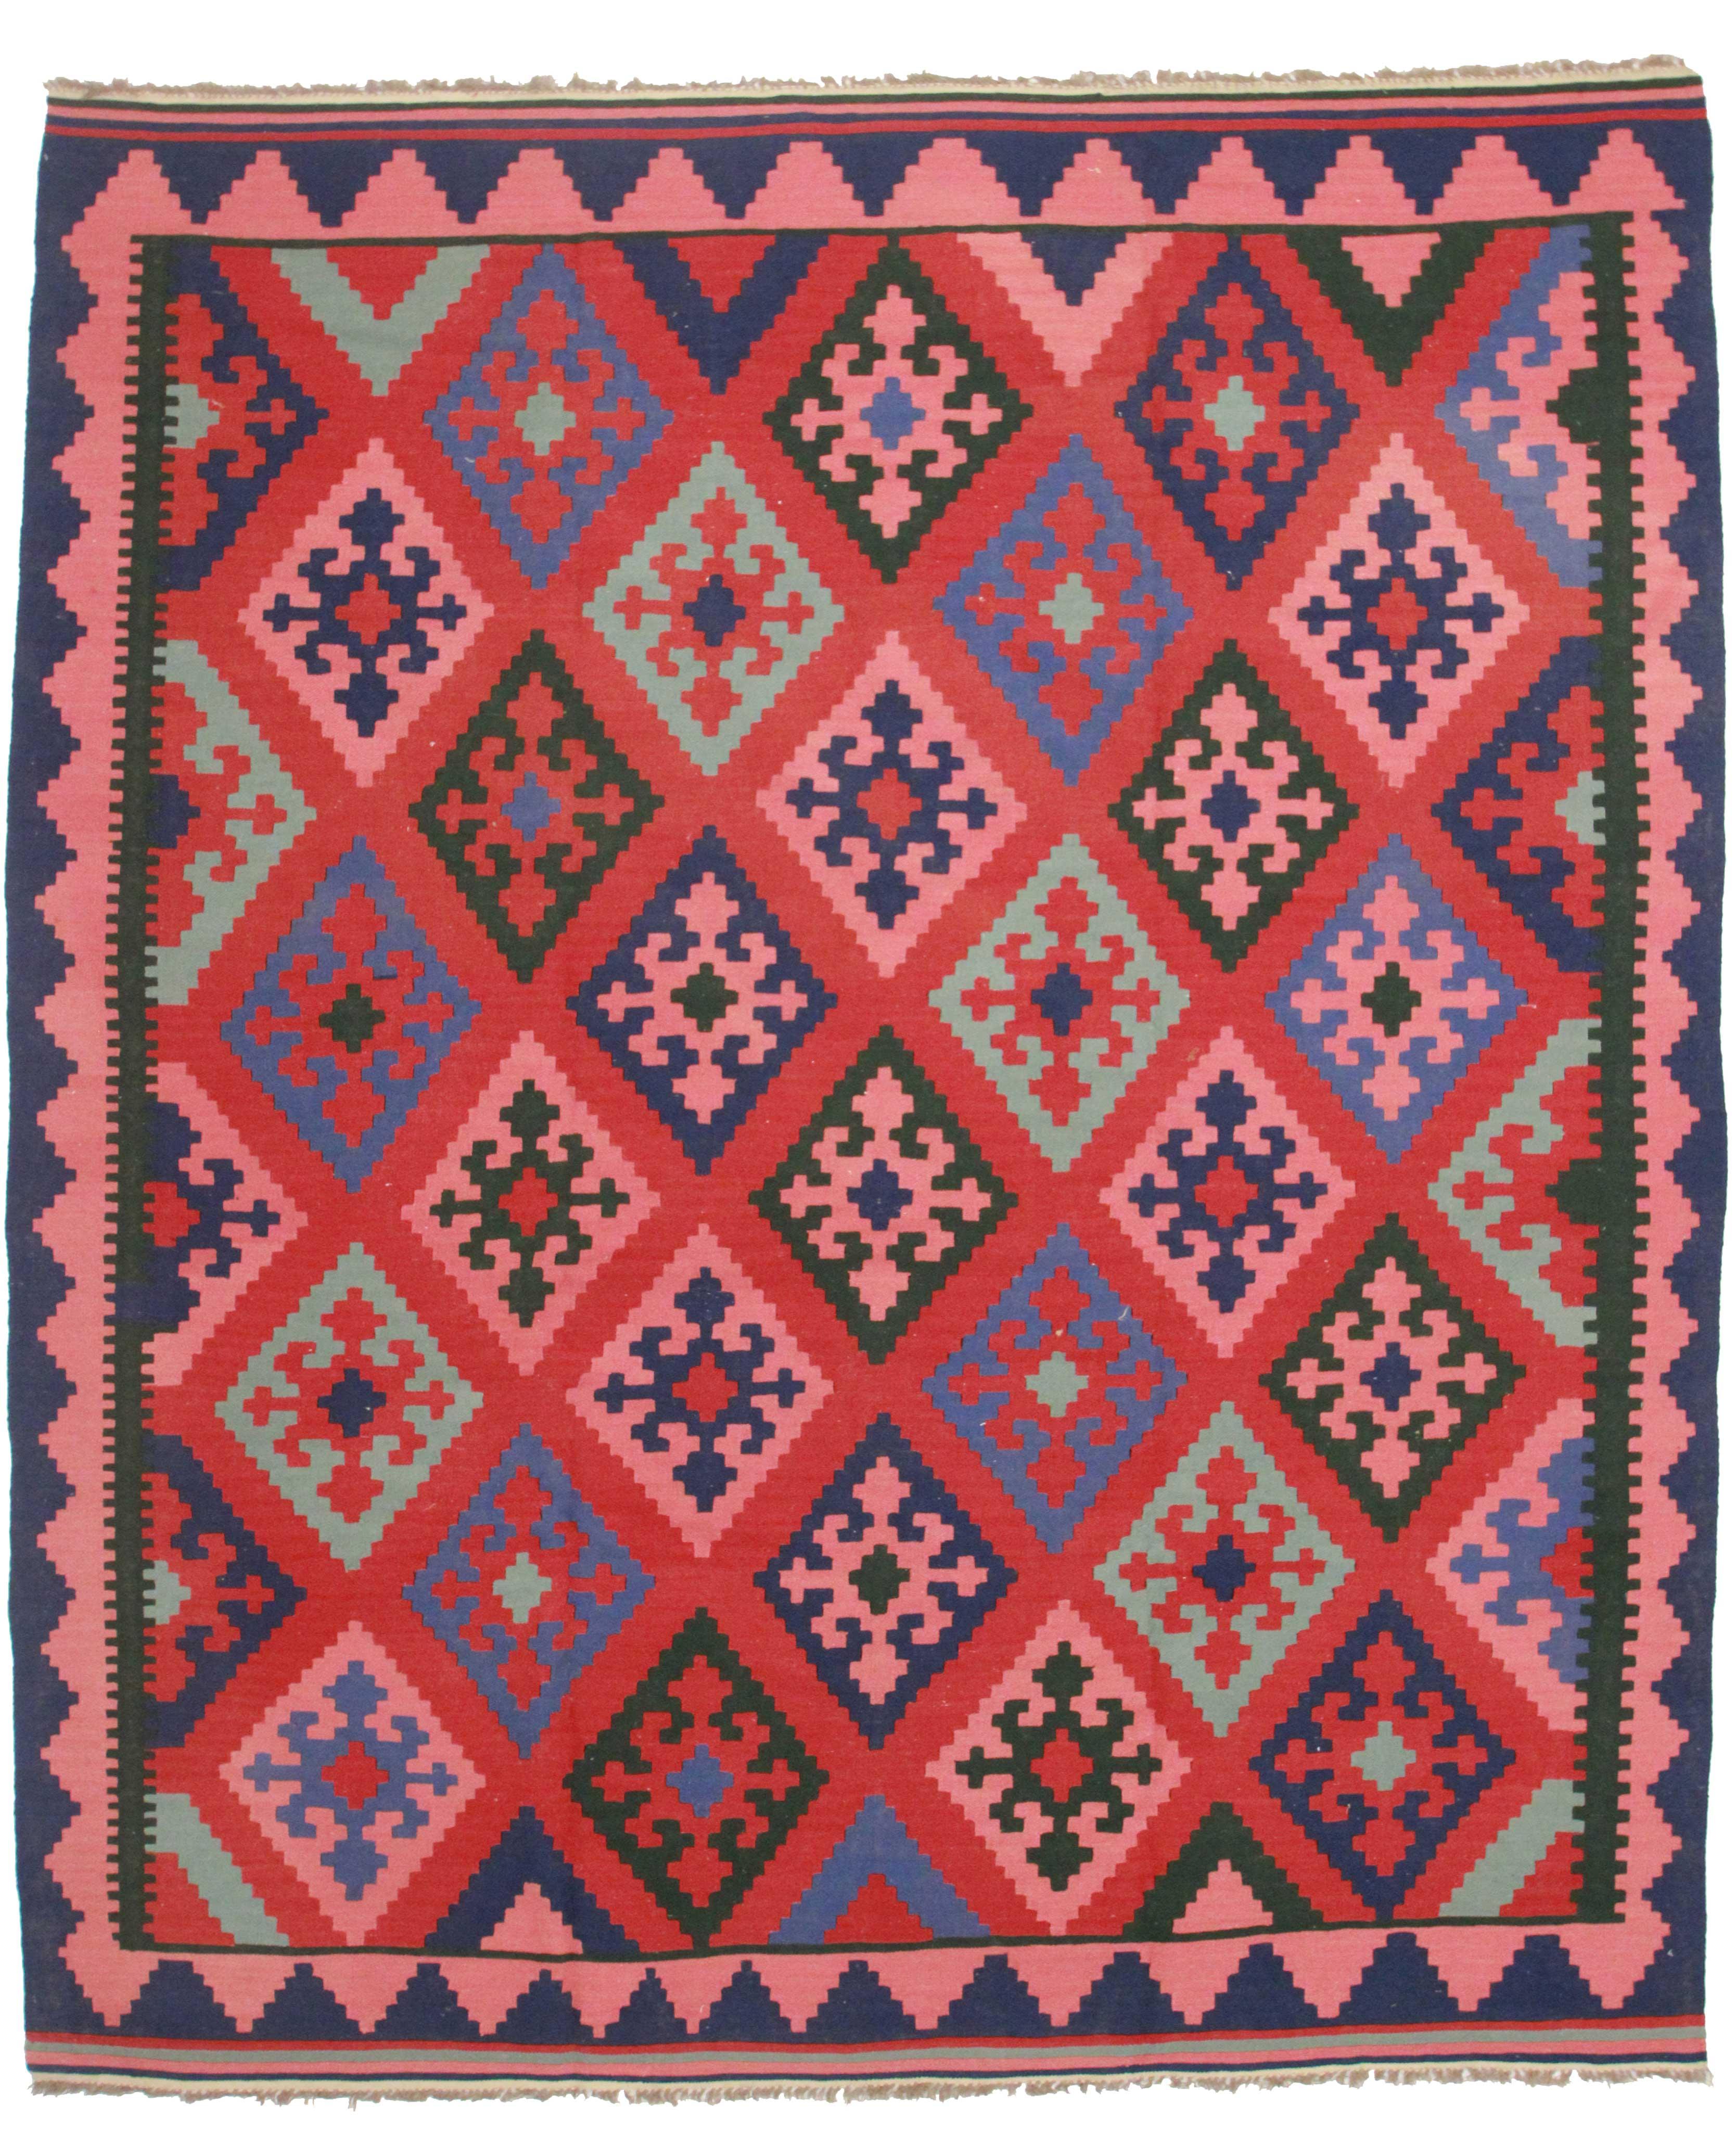 Vintage Afghan Wool Kilim 8 X 10 Rug 9116 Exclusive Oriental Rugs